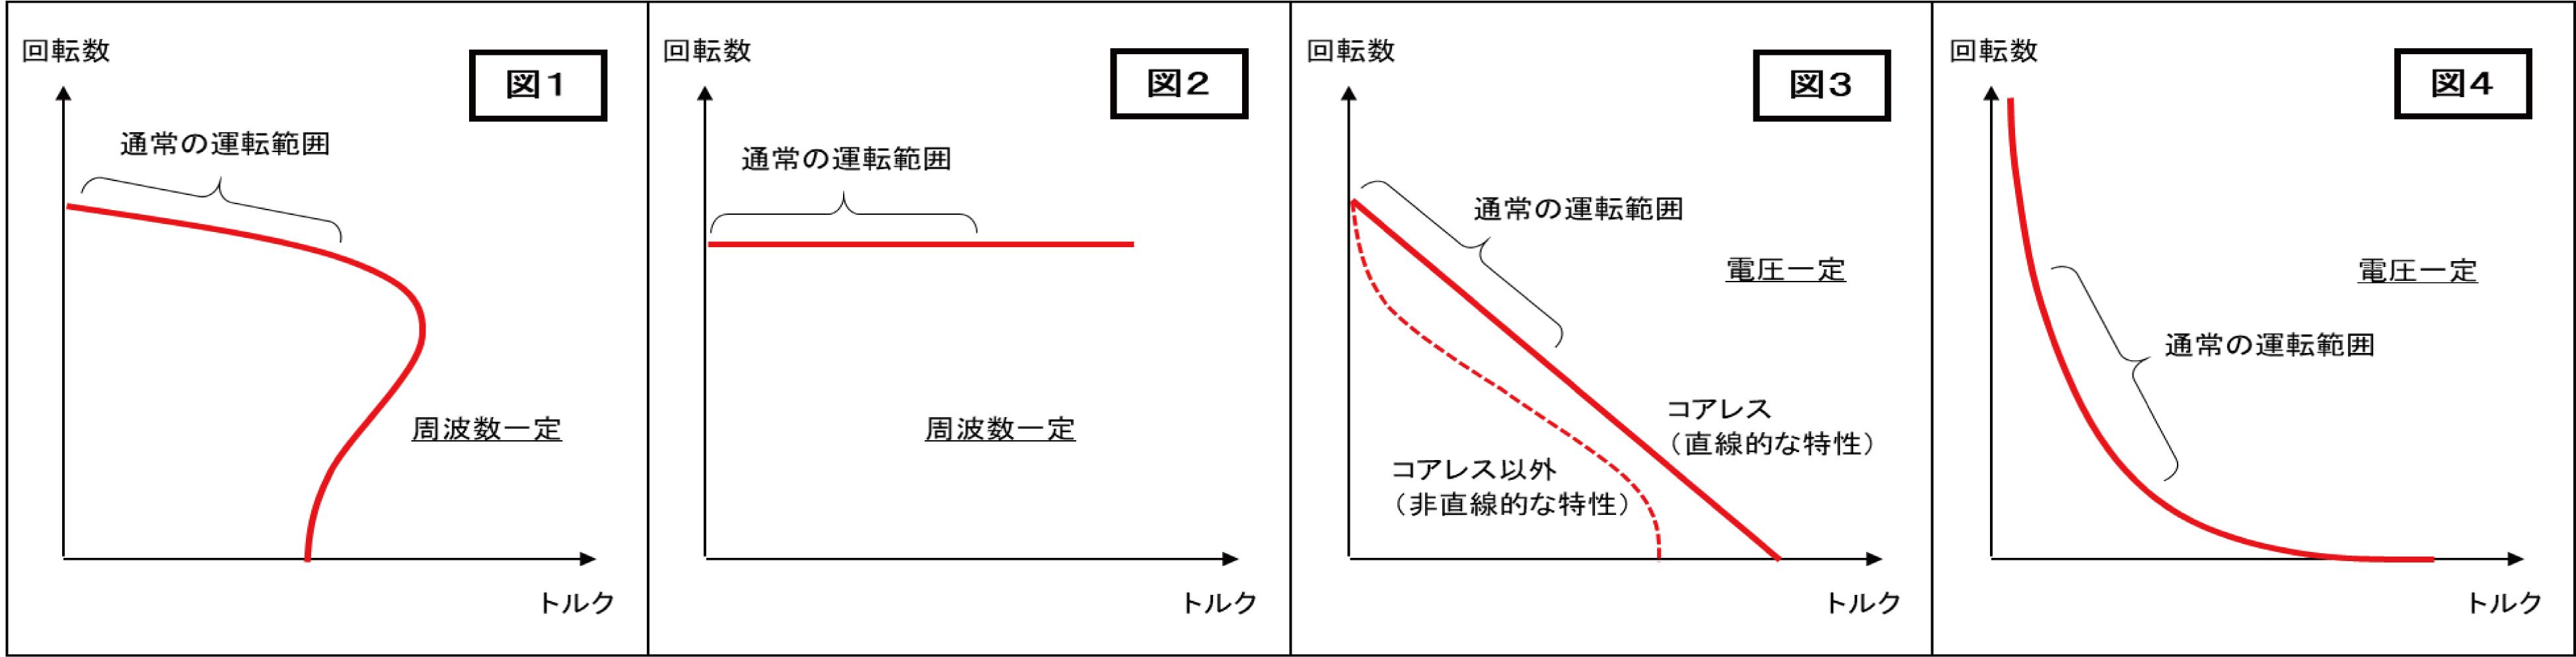 モータ分類図